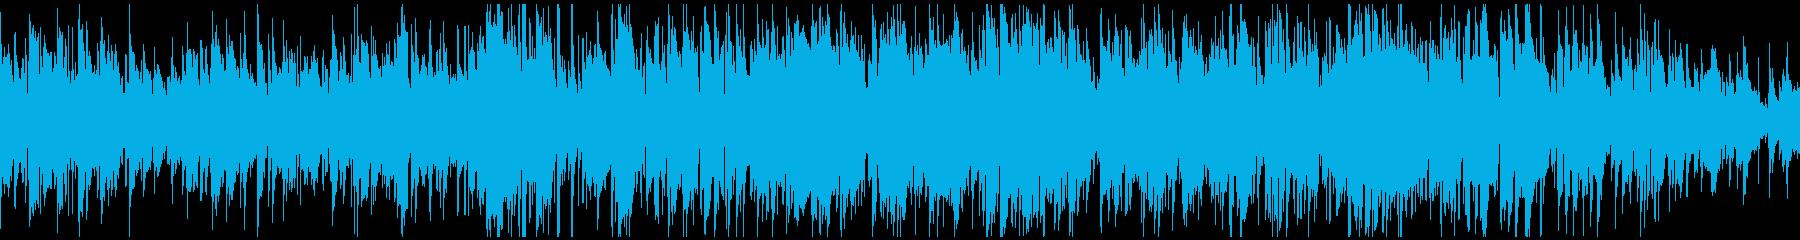 ジャズ系ボサノバ、休日カフェ ※ループ版の再生済みの波形